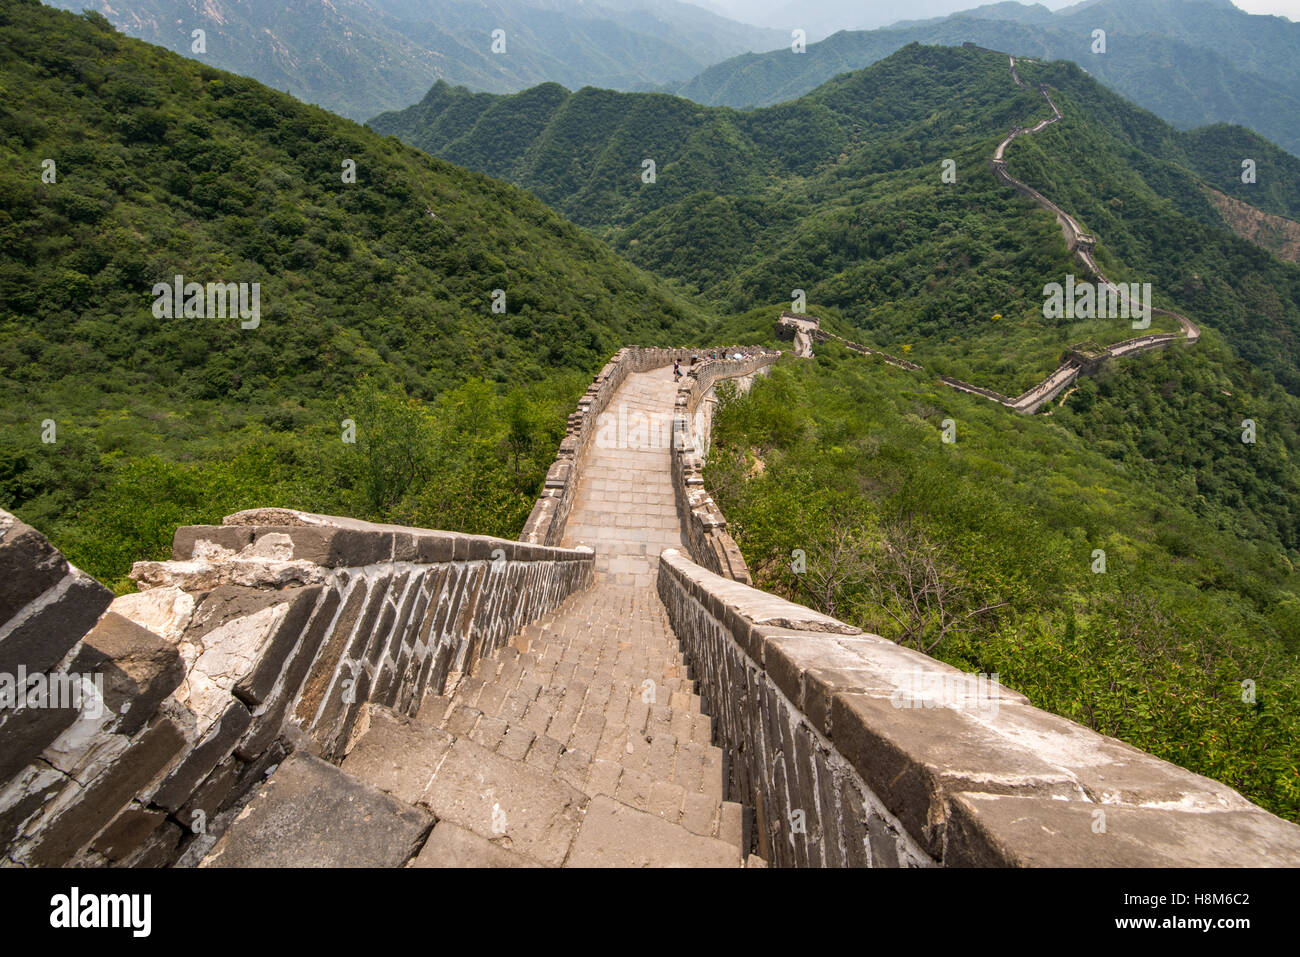 Mutianyu, Cina - Vista del paesaggio della Grande Muraglia Cinese. La parete si estende per oltre 6 mila chilometri di montagna da est a ovest Foto Stock